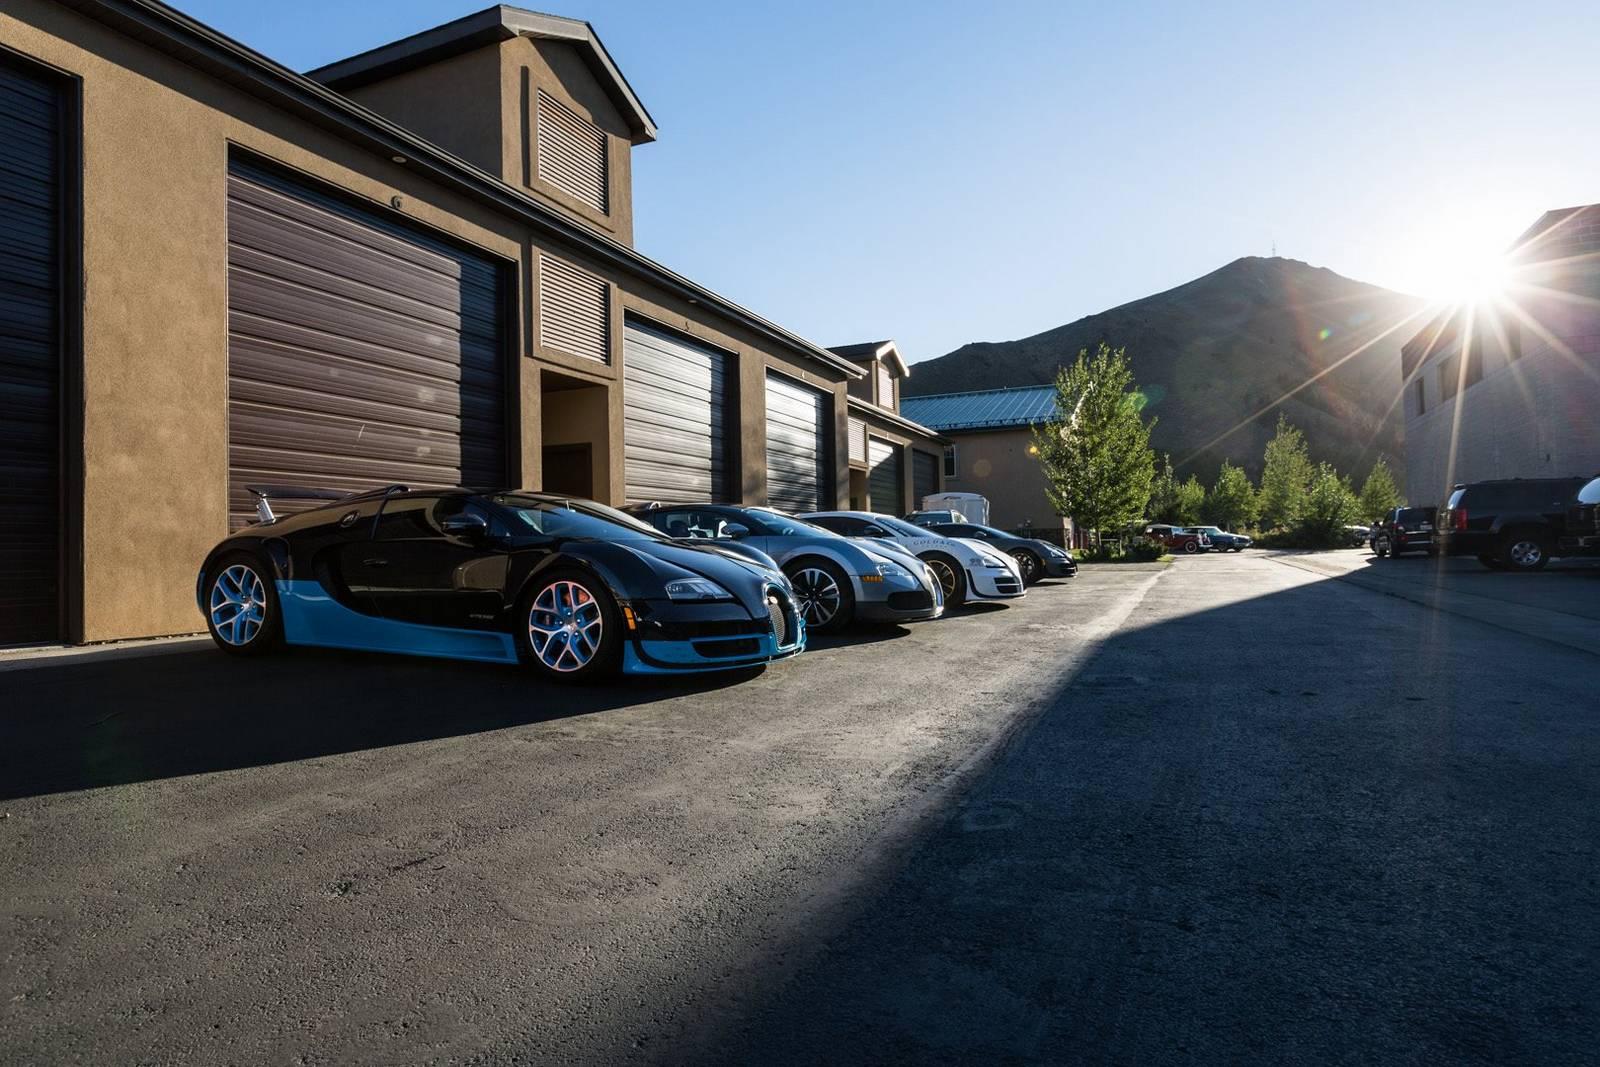 Фото | Суперкары Bugatti Veyron на слете. 2014 год